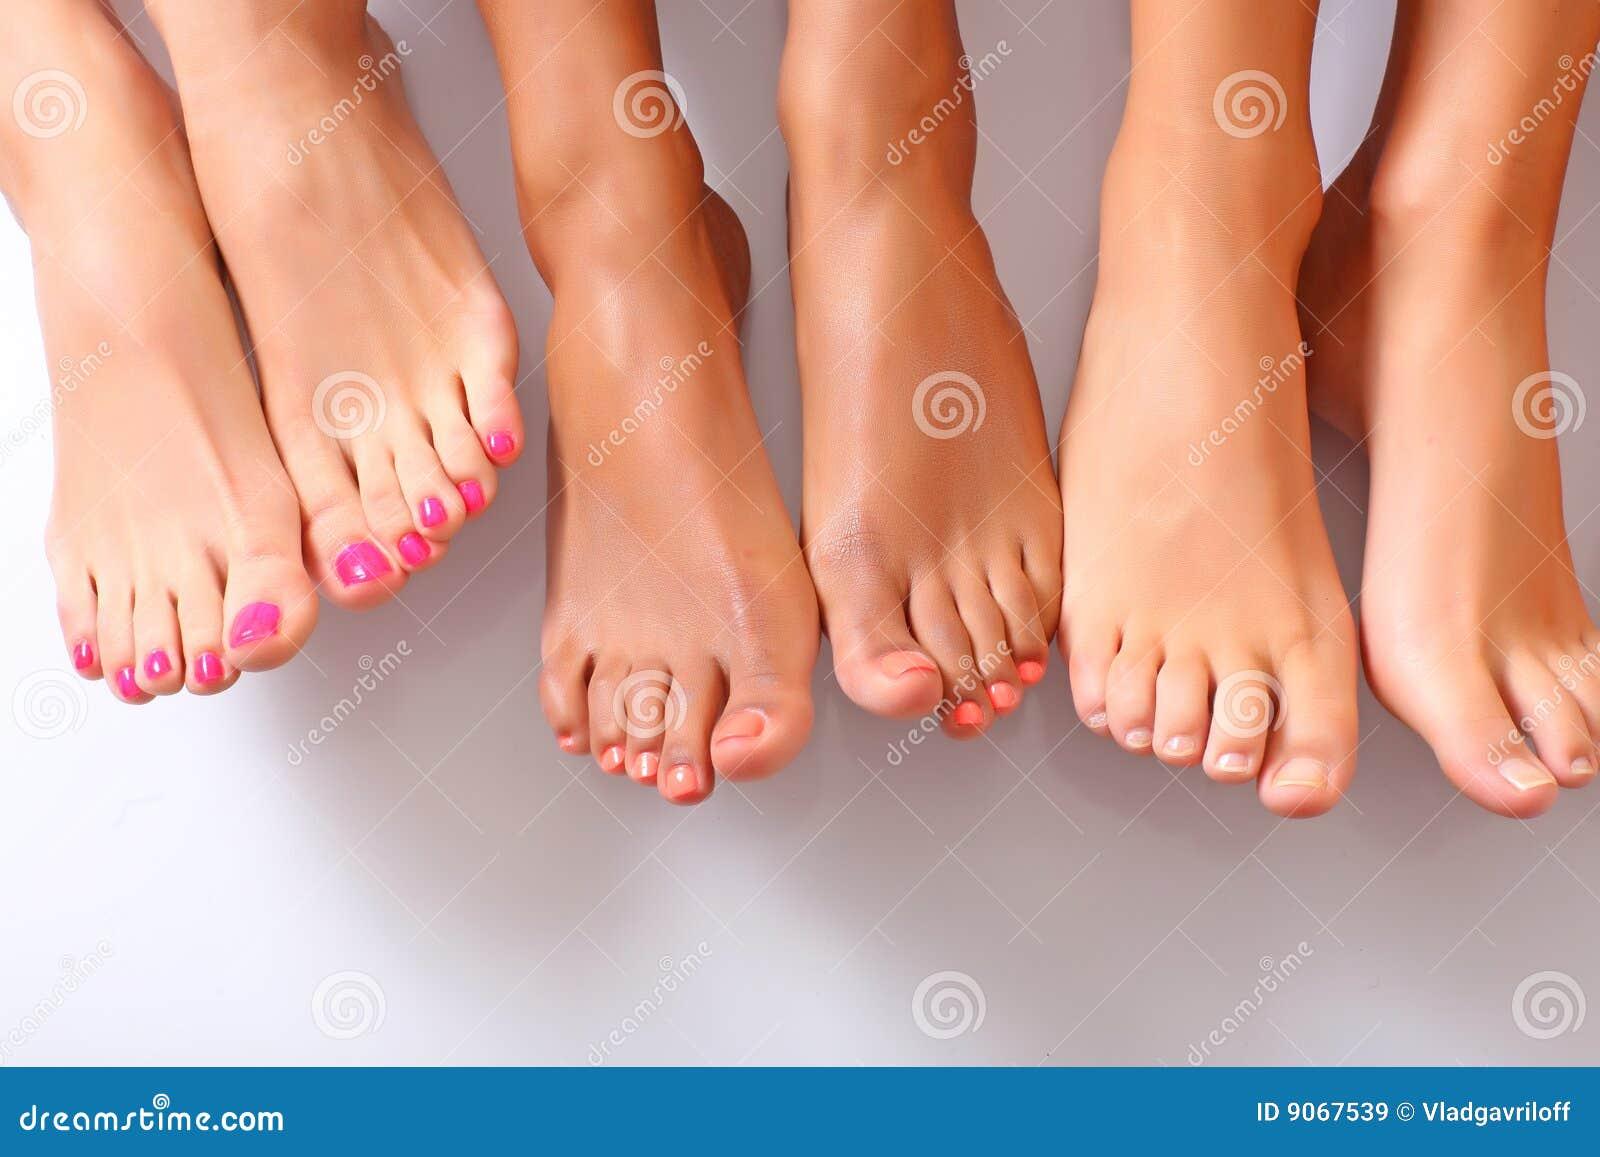 Фото женские пальцы ног 28 фотография